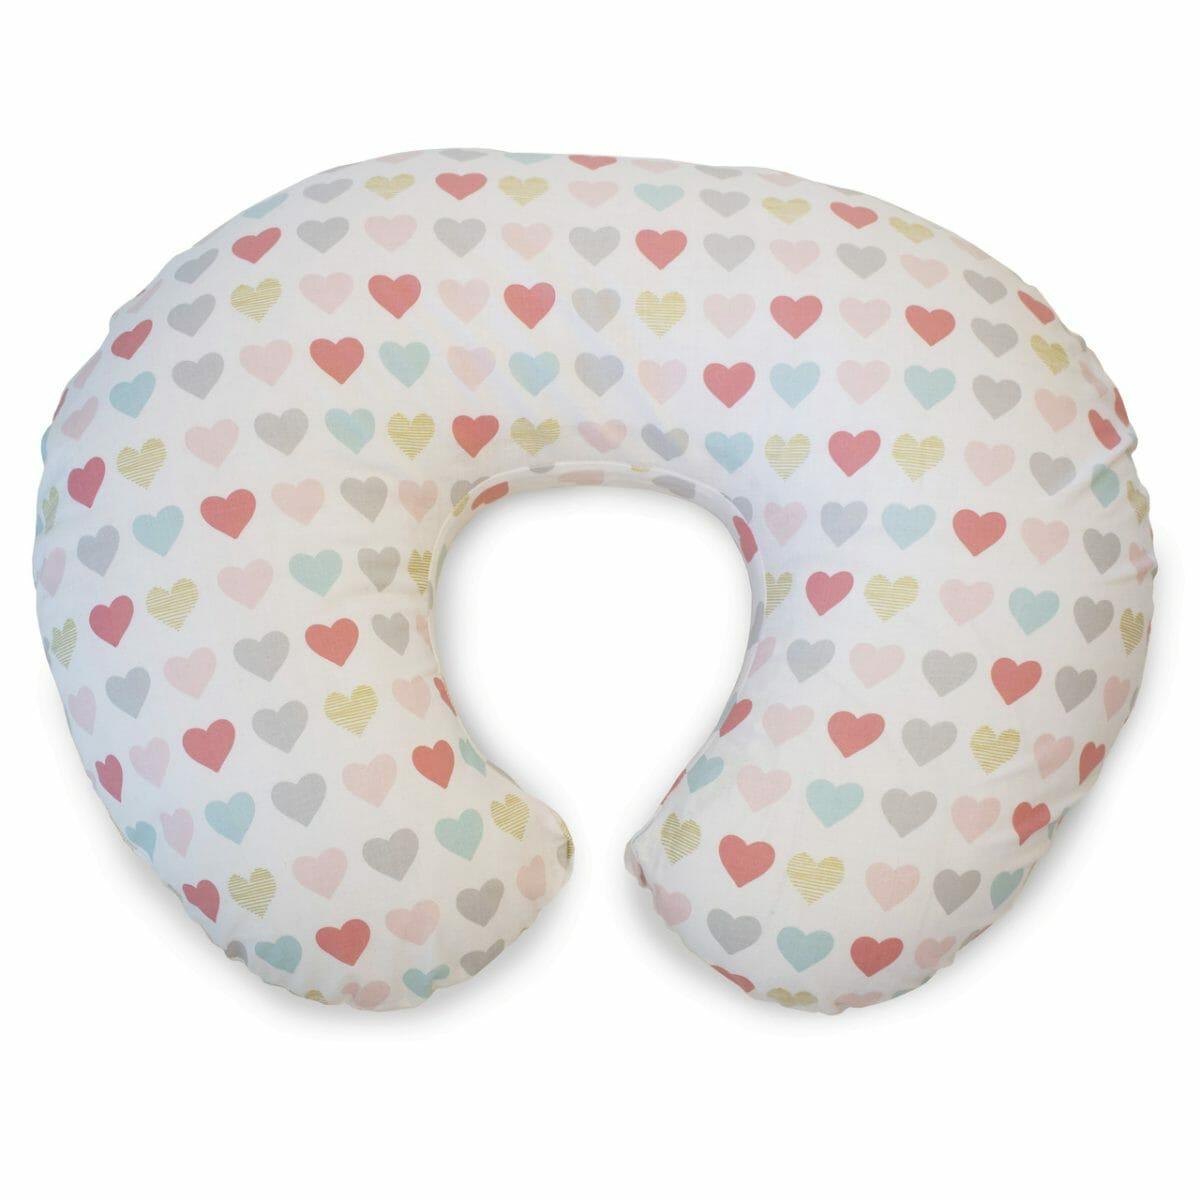 Boppy Pillow Hearts